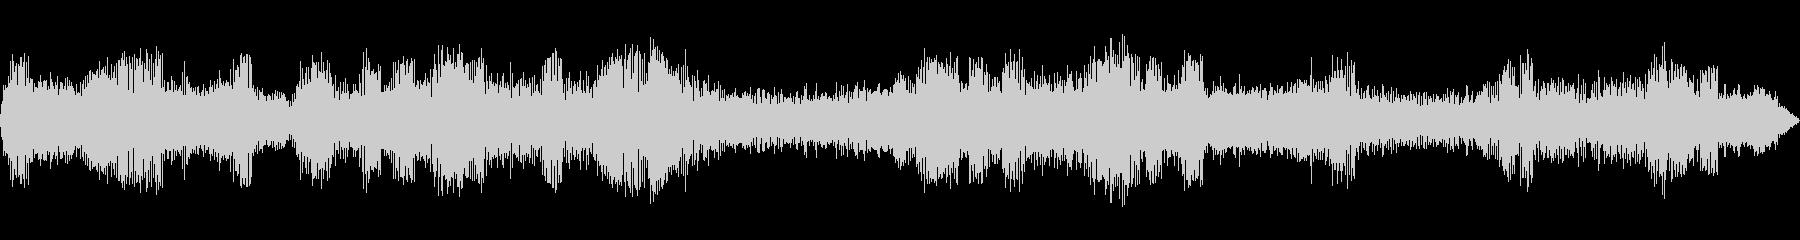 [空間録音]カエルの鳴き声(5月)の未再生の波形